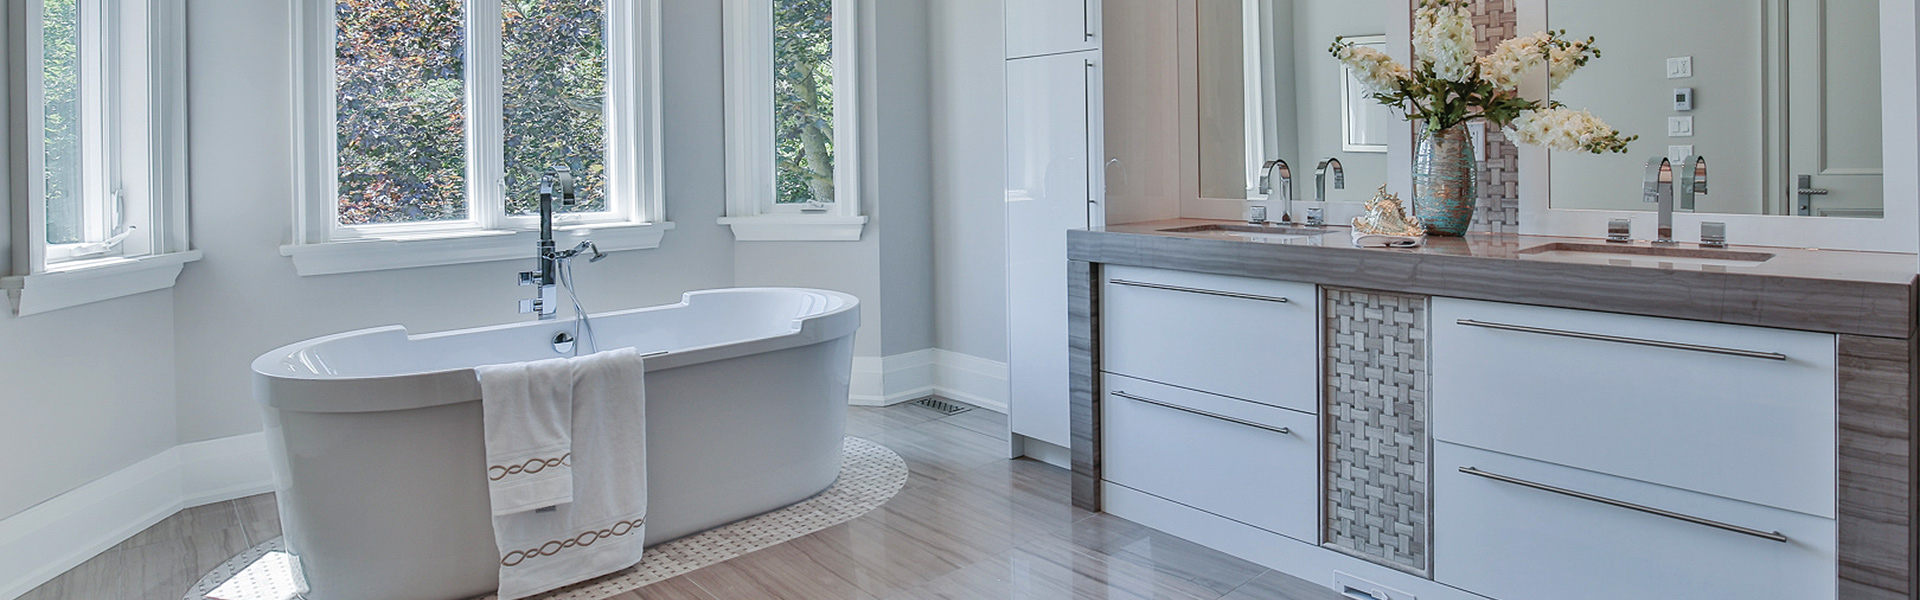 bathroom vanity slide